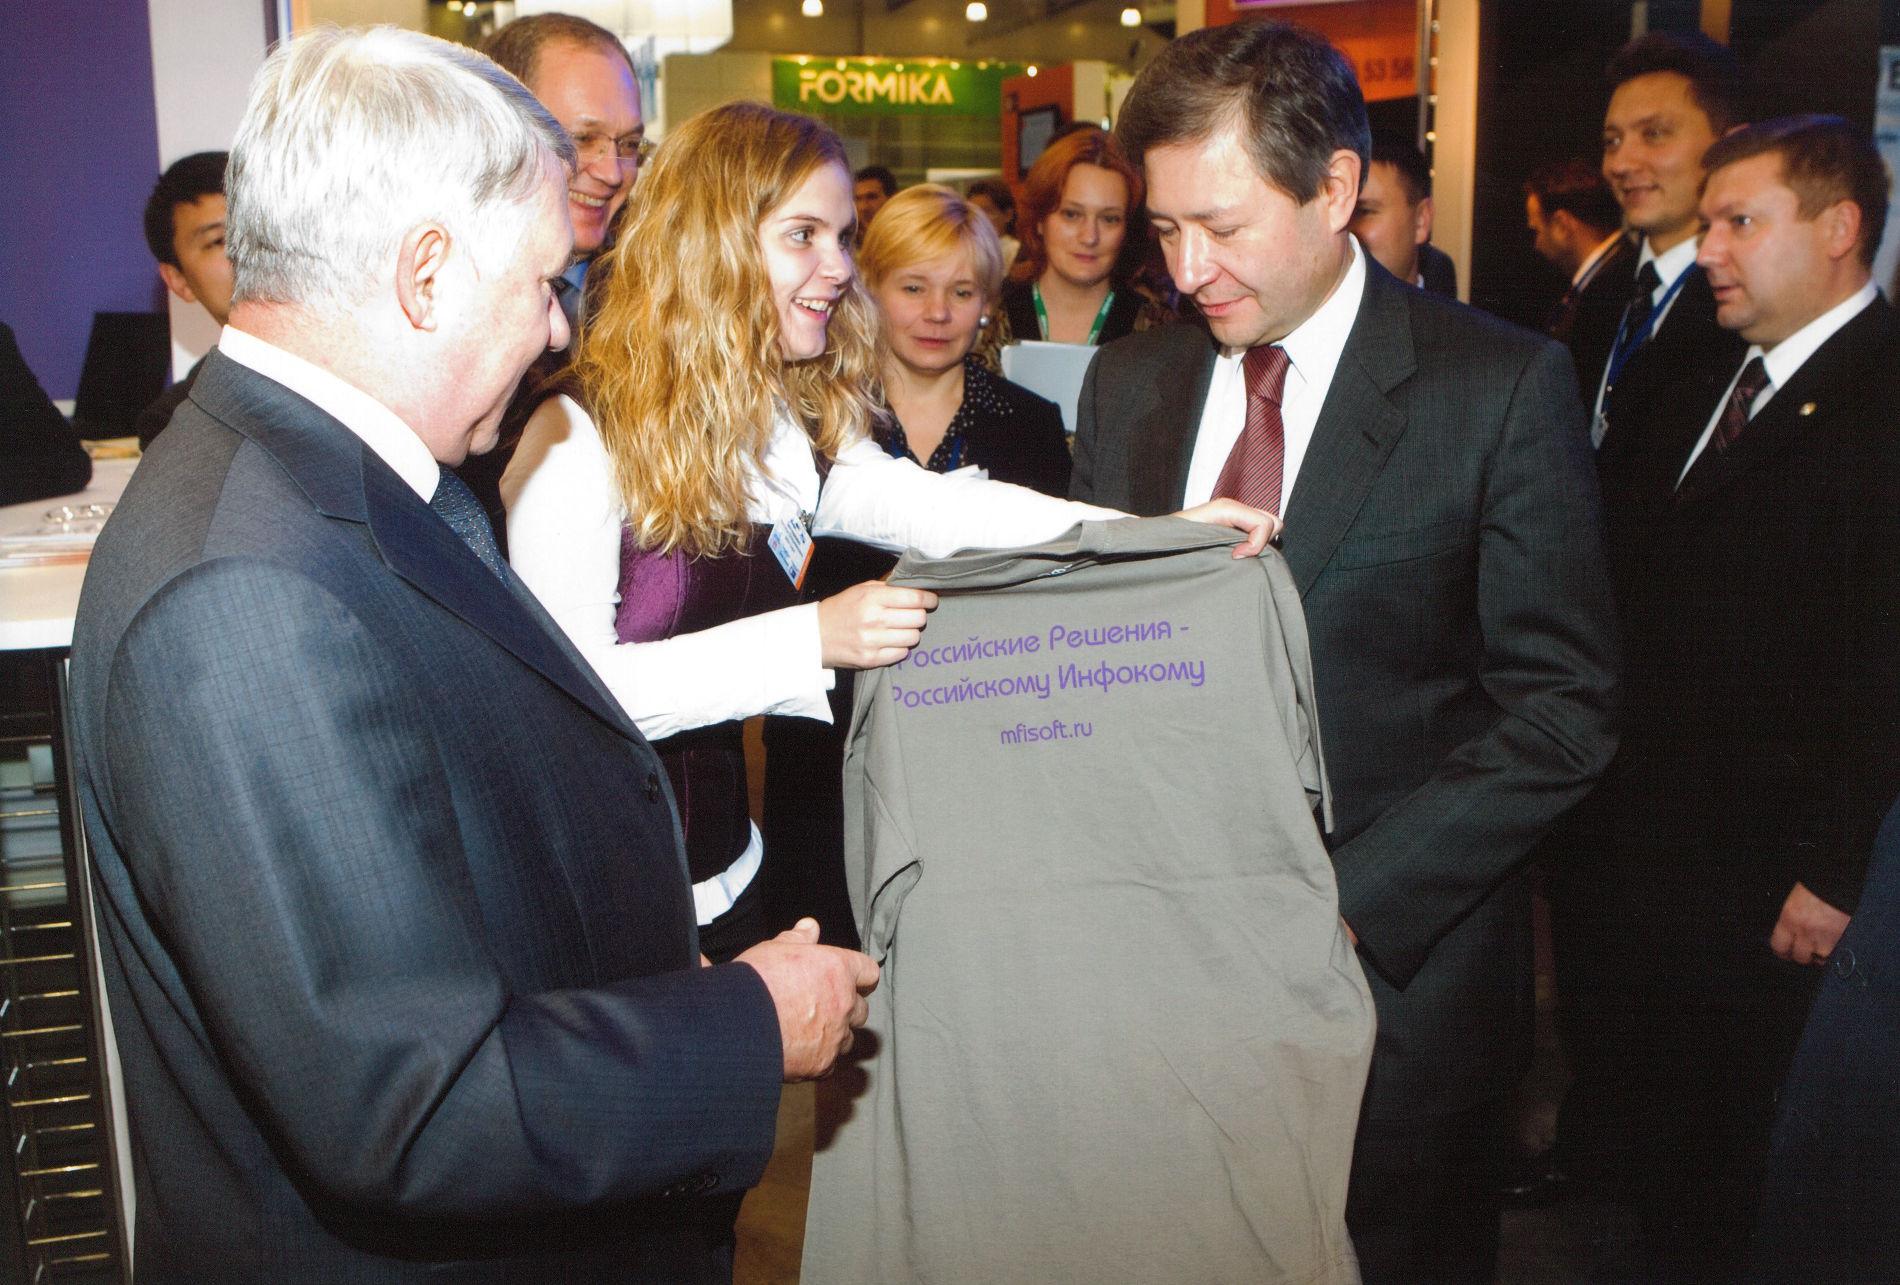 Леонид Рейман на Международной выставке-форуме «ИнфоКом-2007» ©Изображение предоставлено Леонидом Рейманом